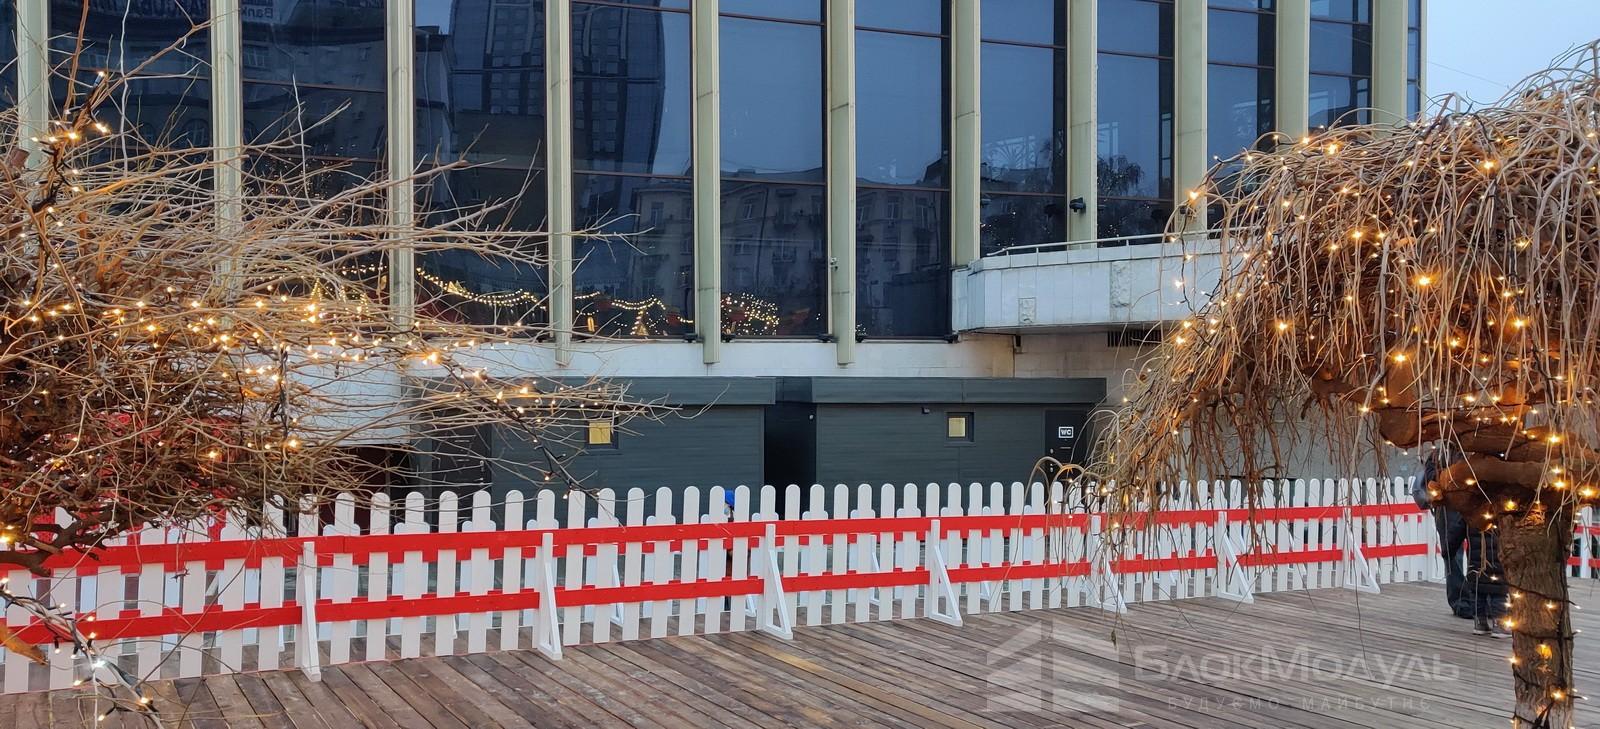 thumb_Модульные туалеты для Дворца Украины - Фото № 8